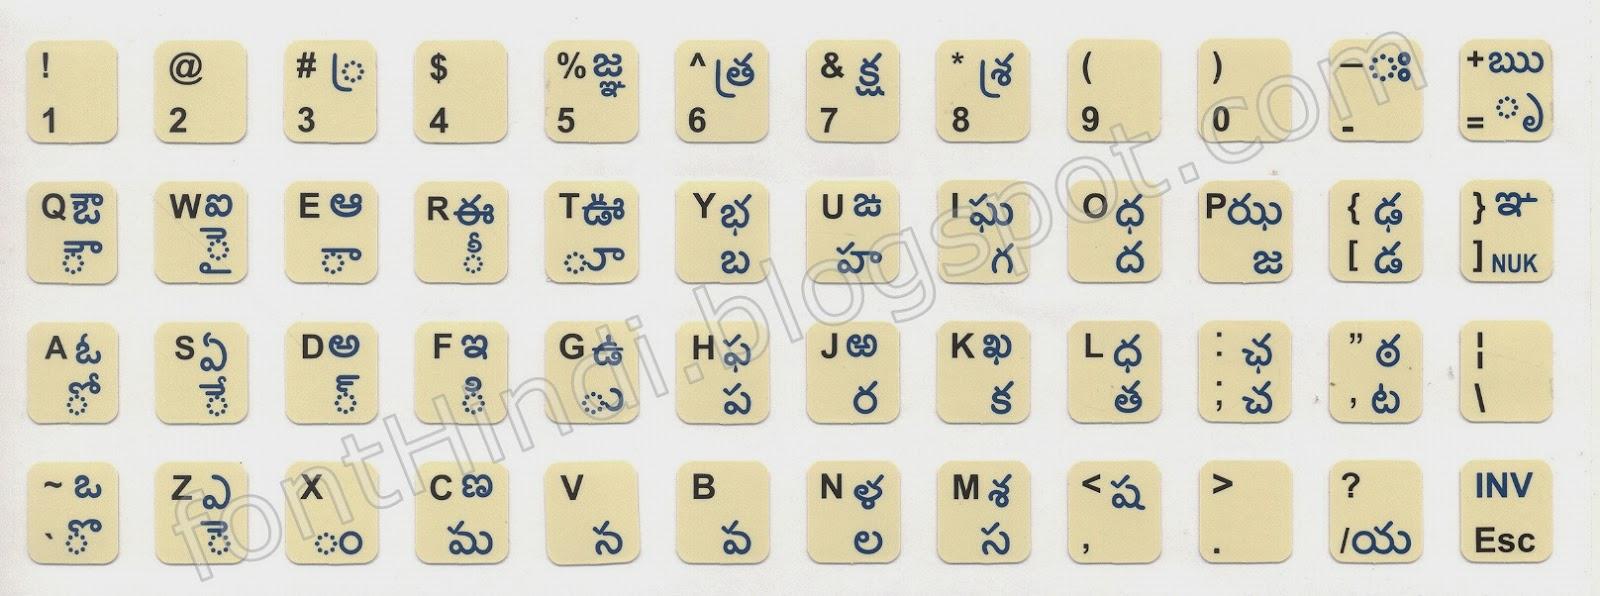 Keyboard layout beautiful hindi fonts inscript keyboard layout for telugu biocorpaavc